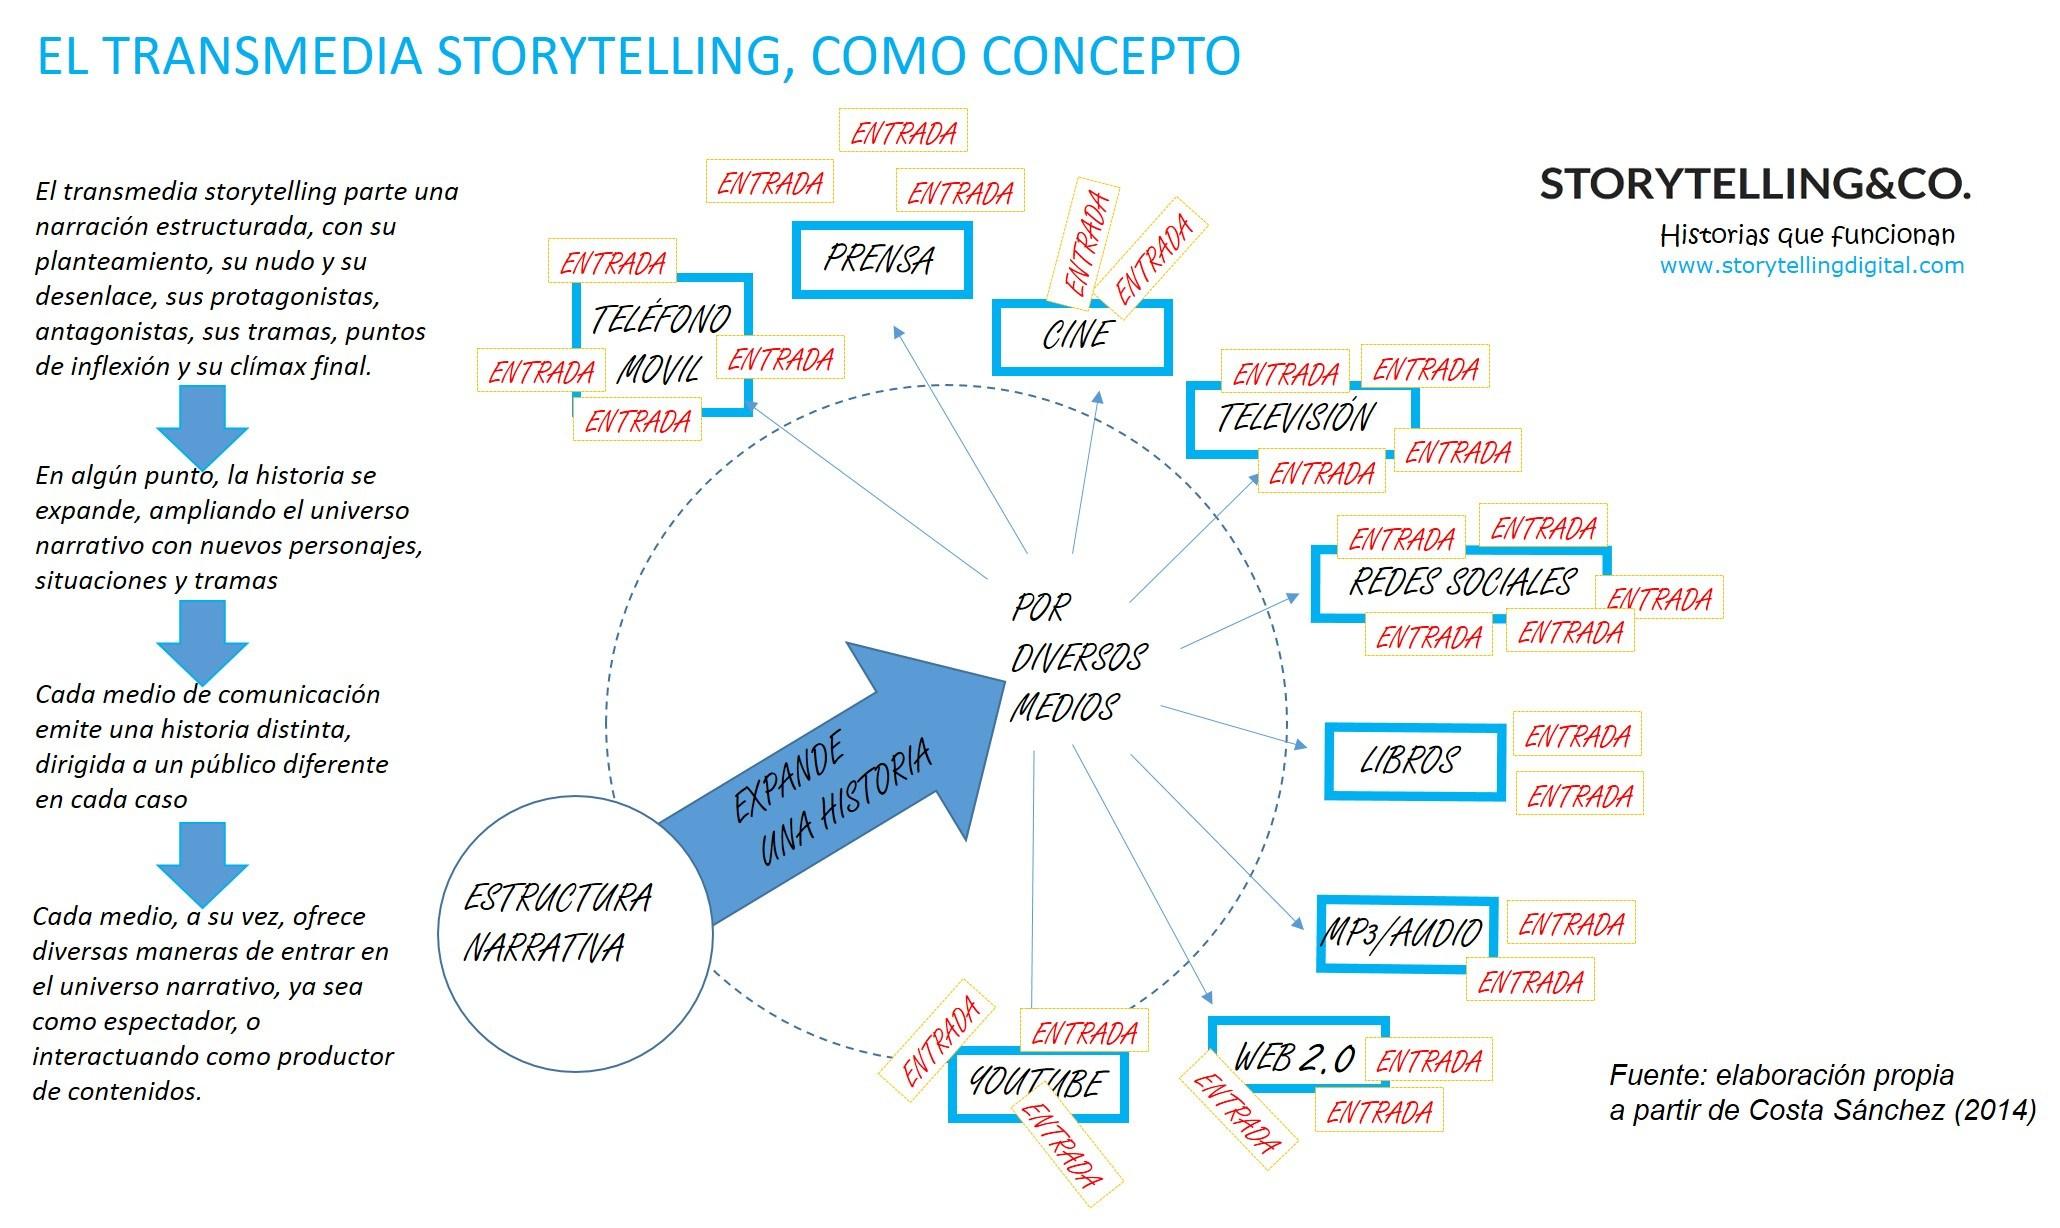 Storytelling y transmedia conceptual